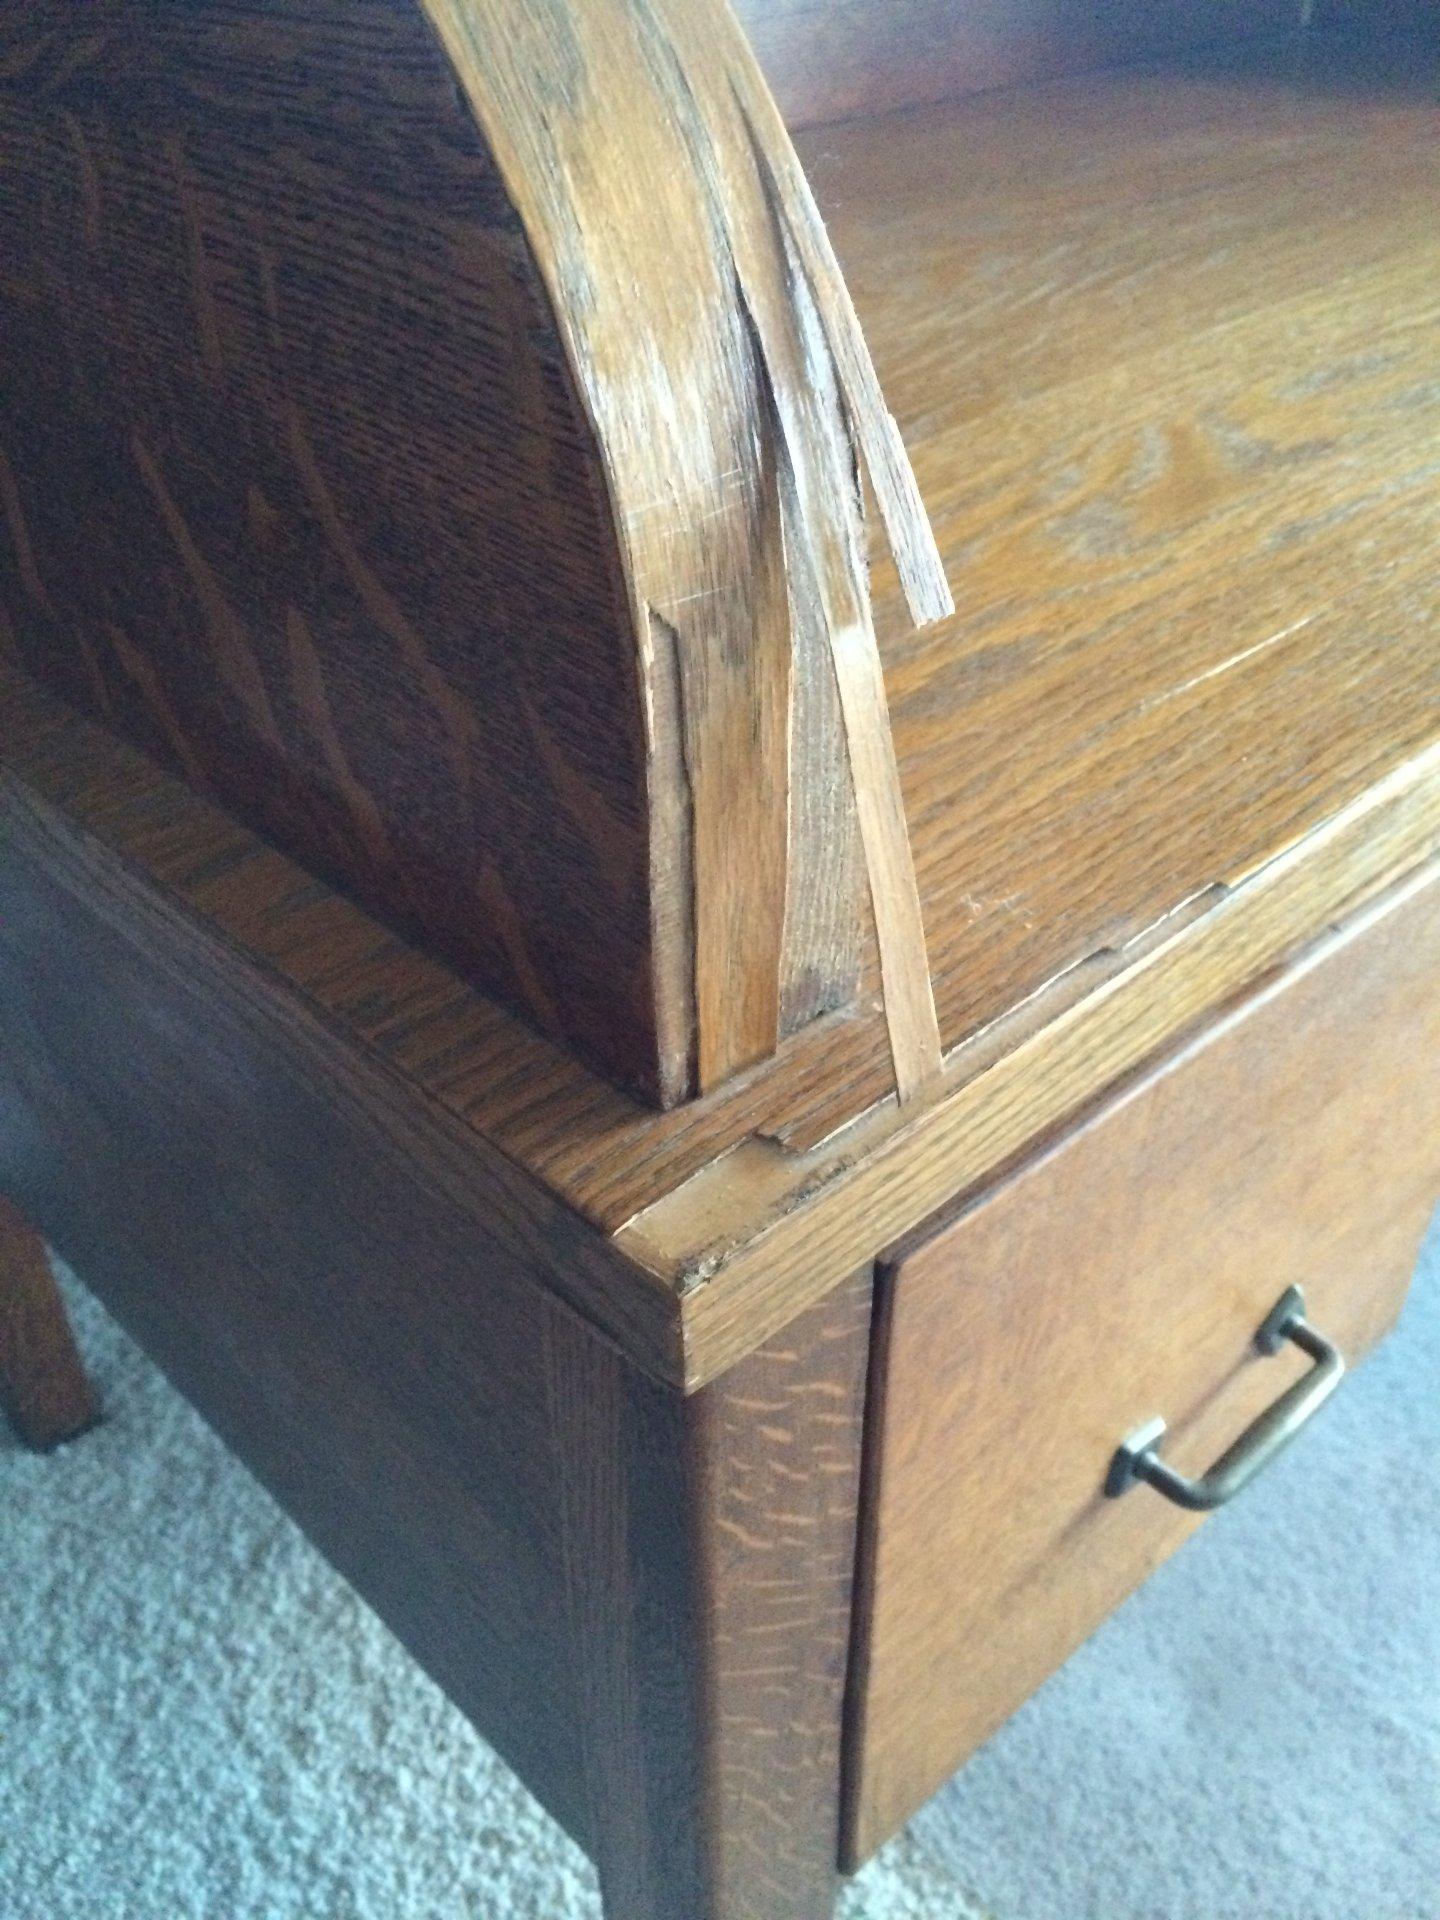 Extensive veneer problems